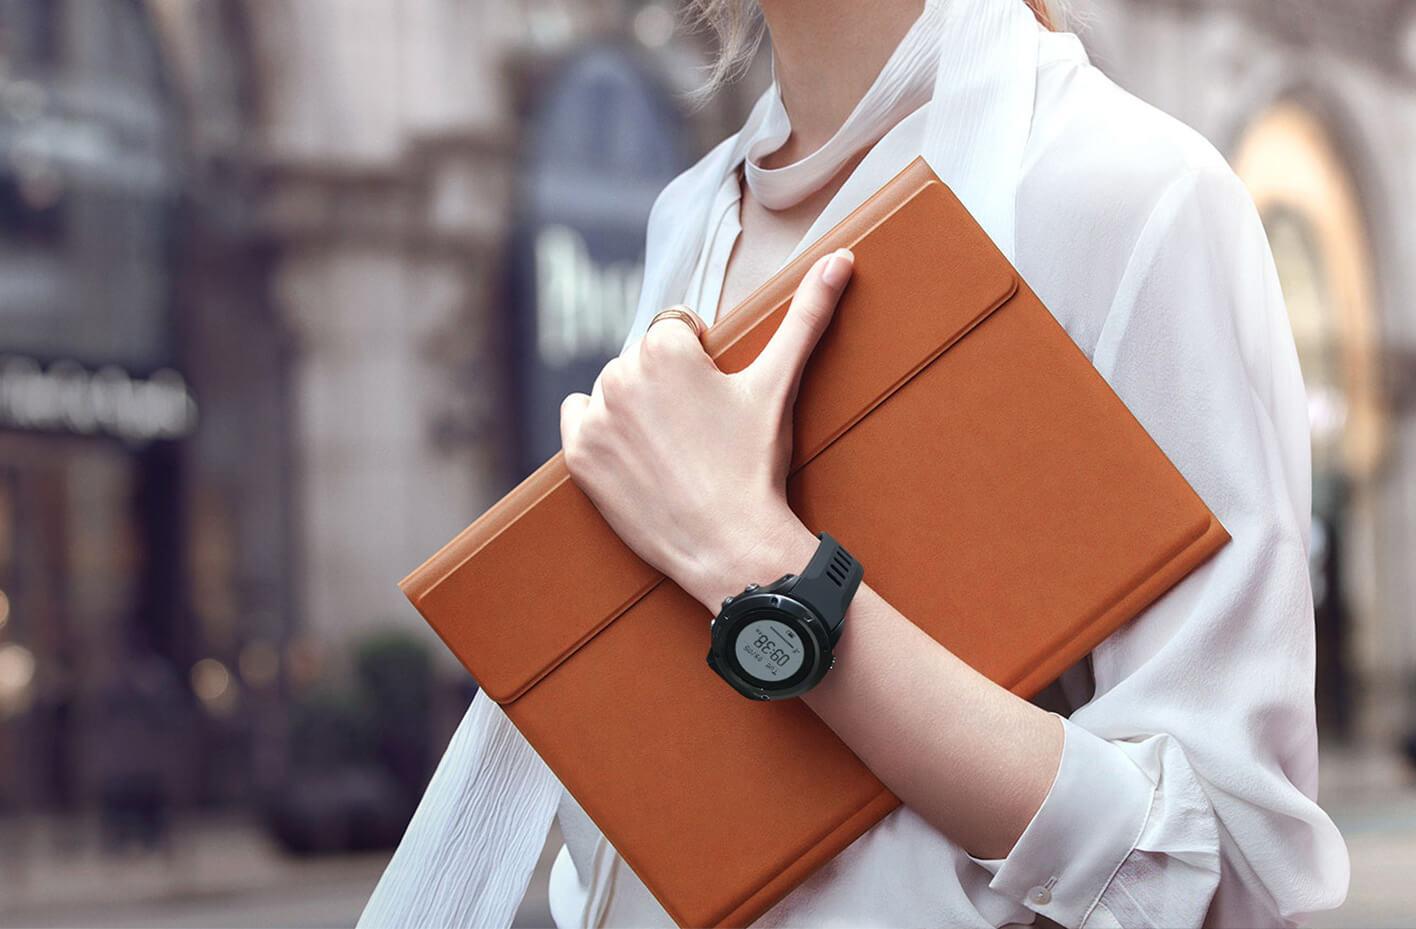 Nejlevnější chytré hodinky nyní za ještě nižší cenu!  sponzorovaný článek  bacec815bf